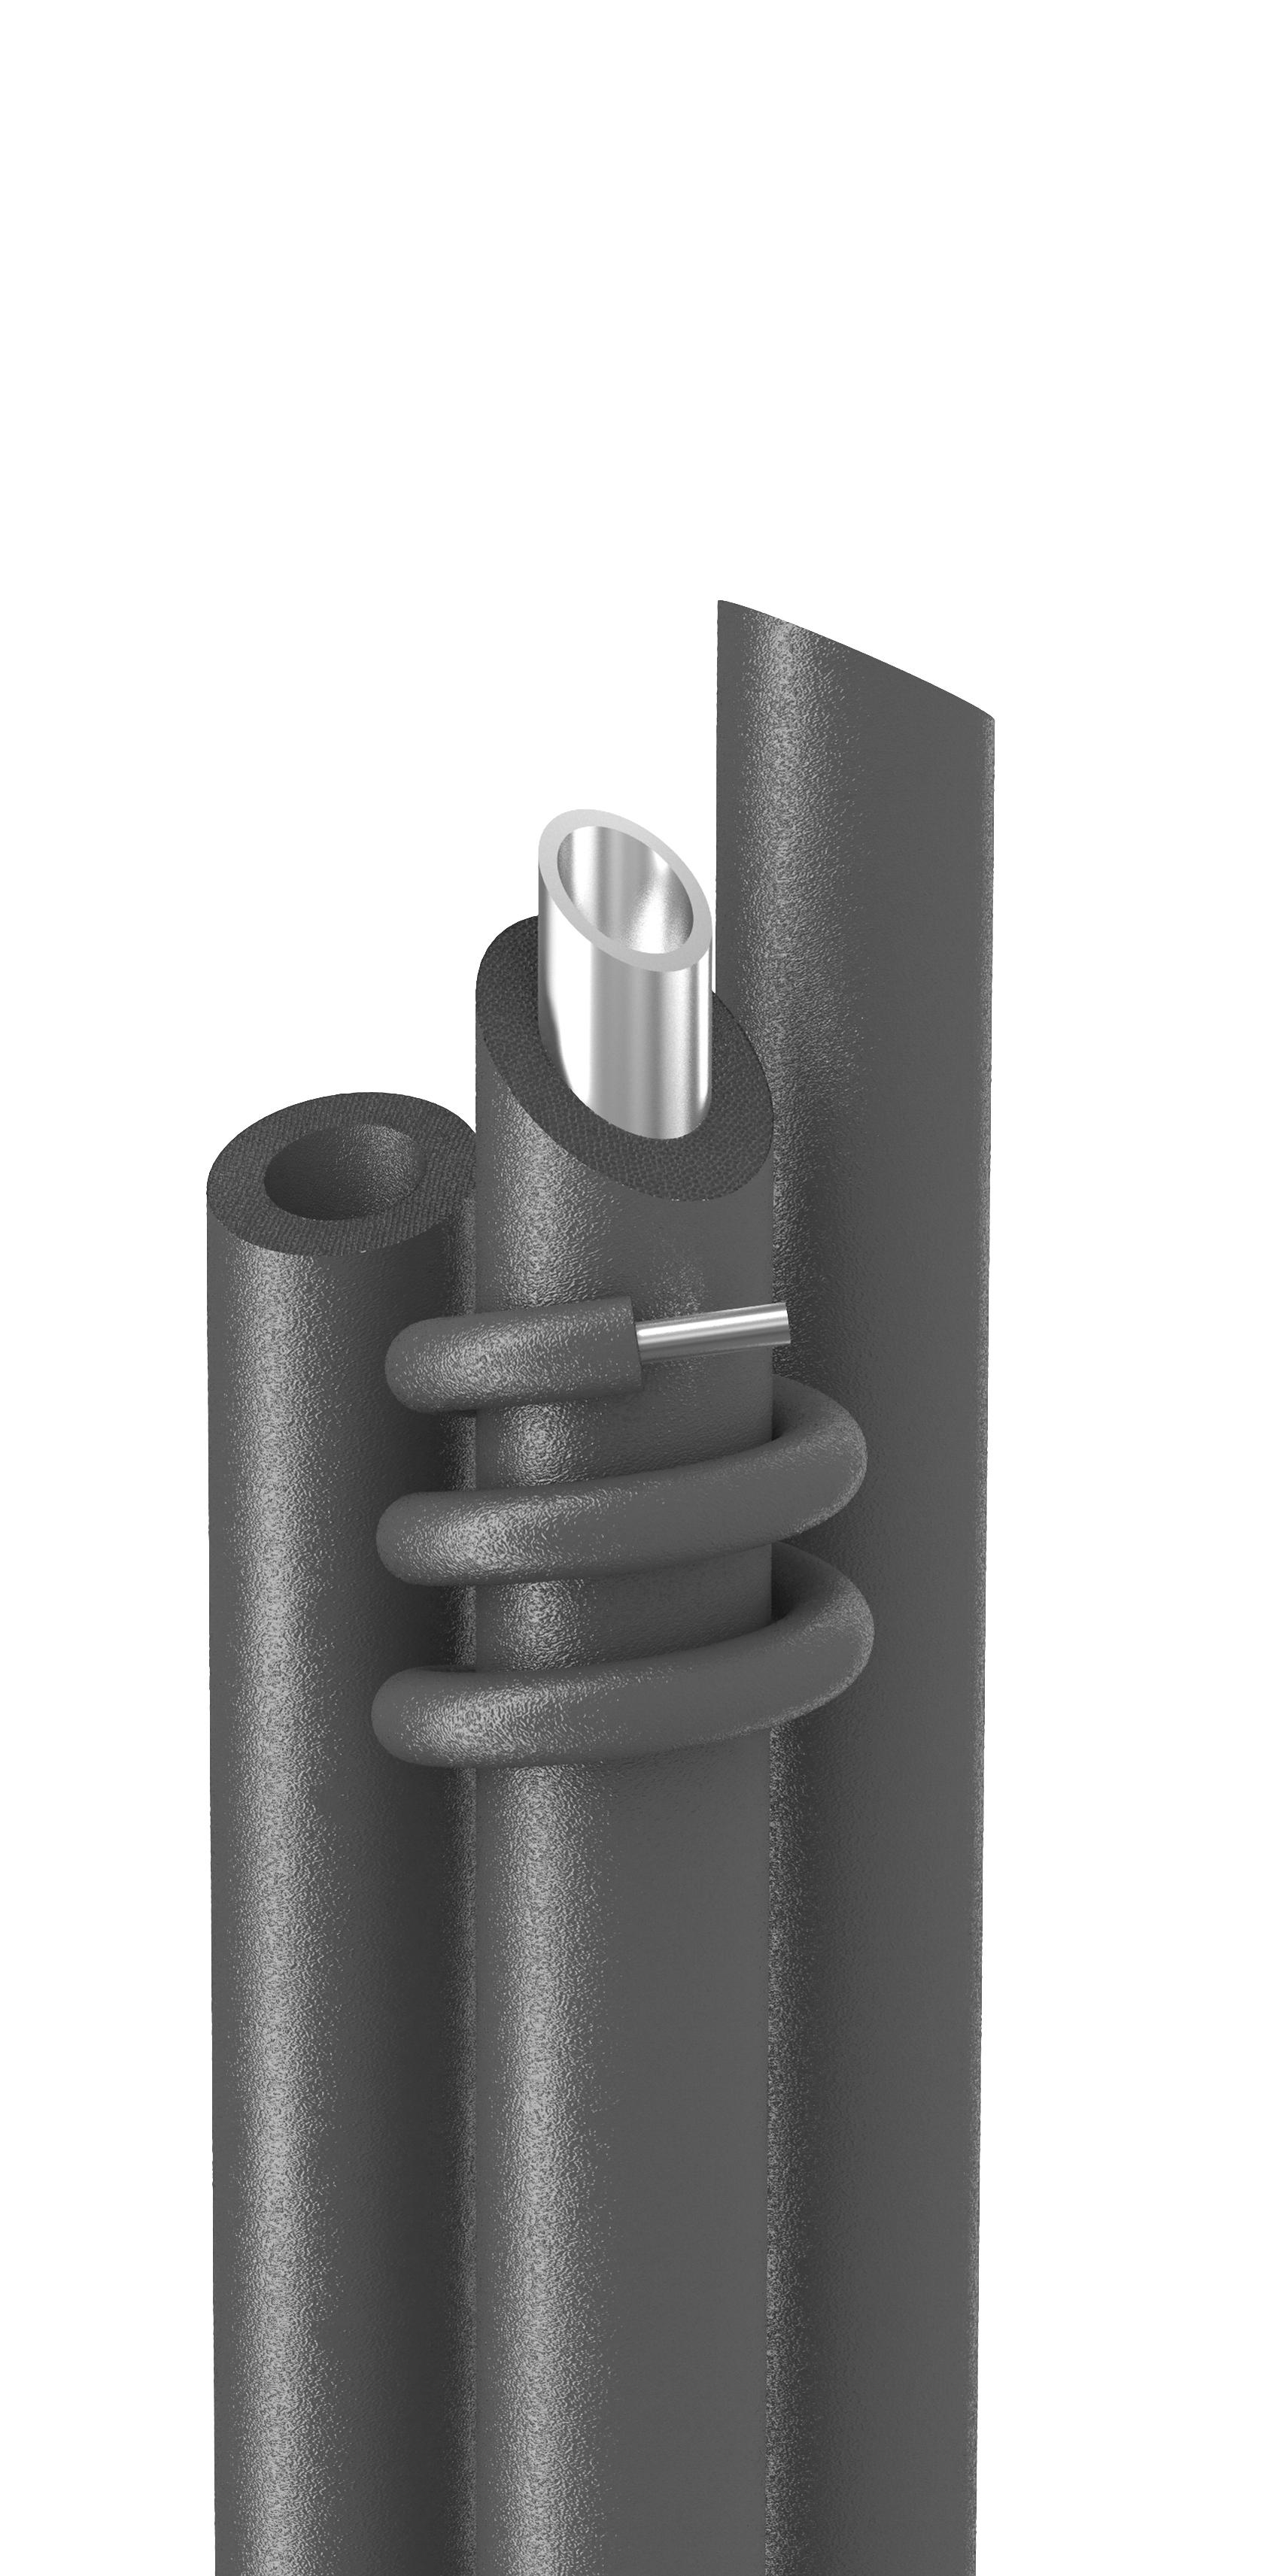 Трубки Energoflex толщ.13мм диам.64